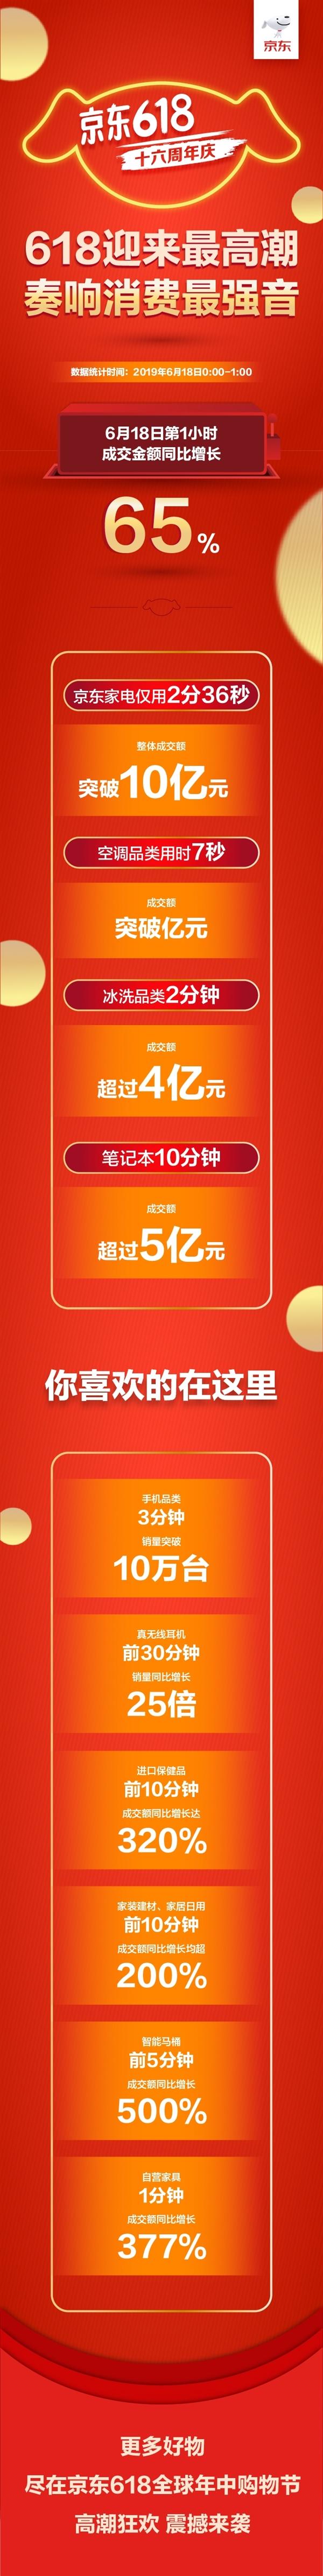 京东618一小时战报公布:苹果华为10分钟成交额同比增长超200%